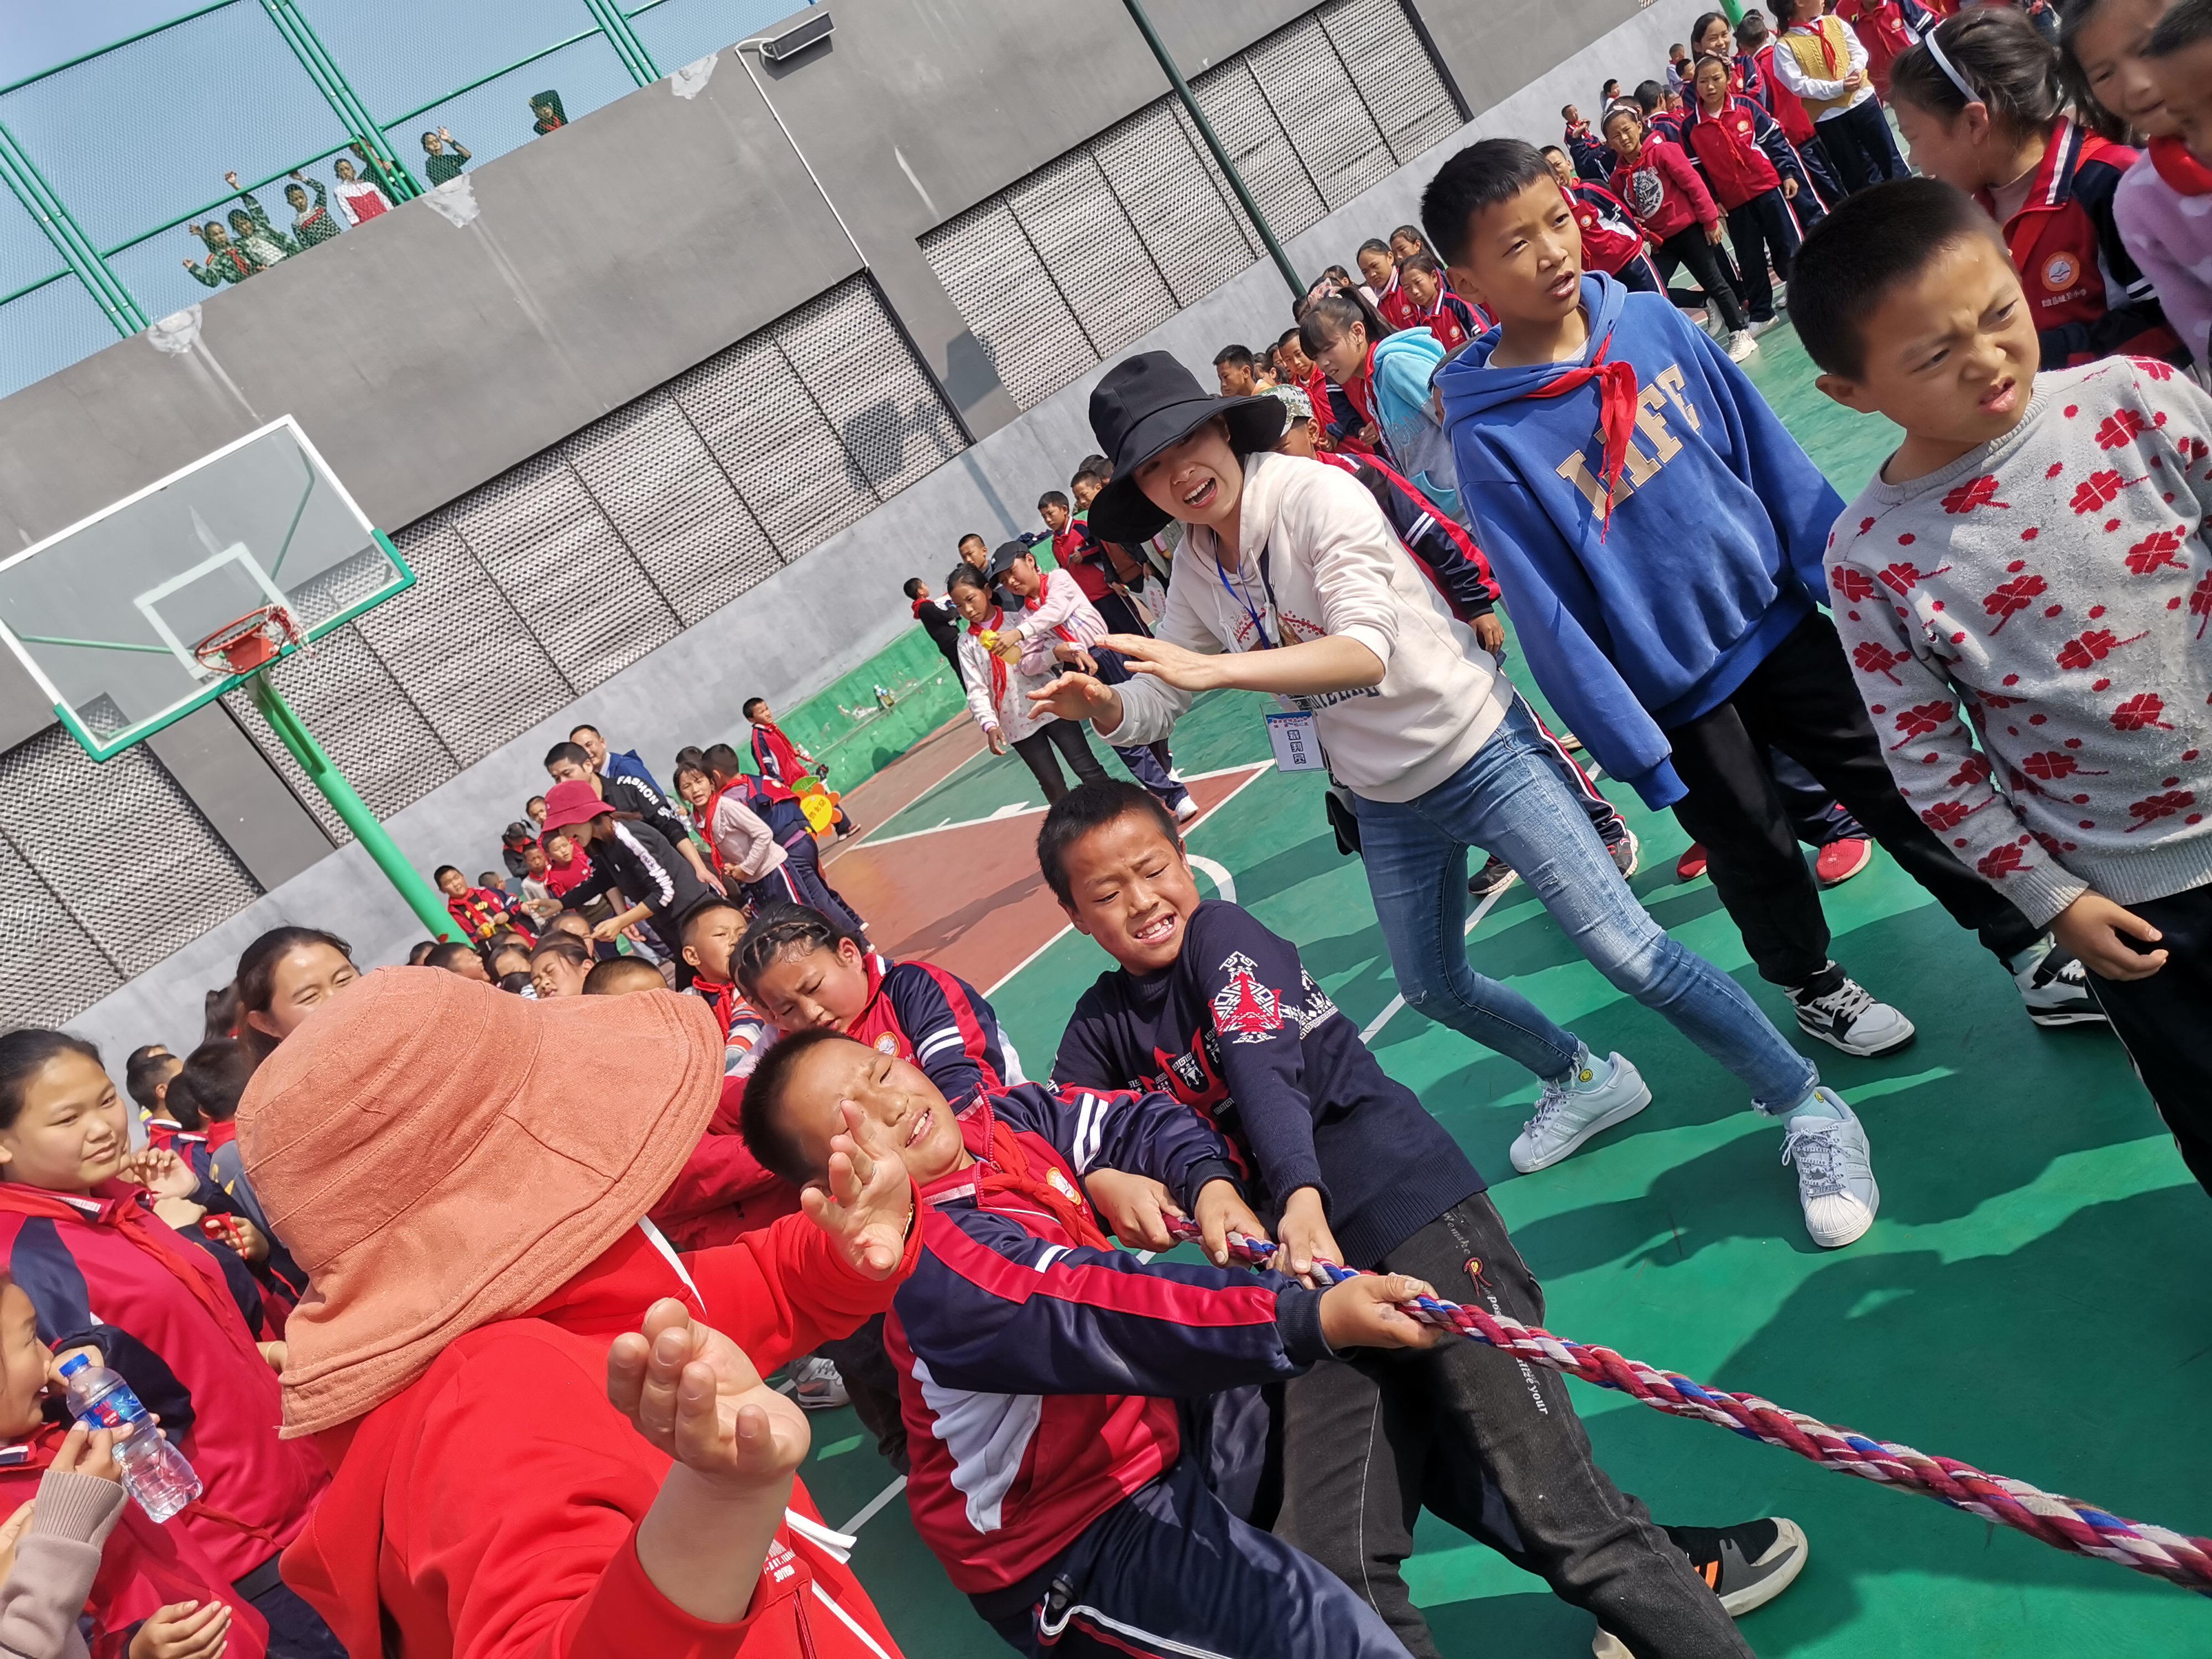 雷波县城关小学锦屏校区拔河比赛预赛